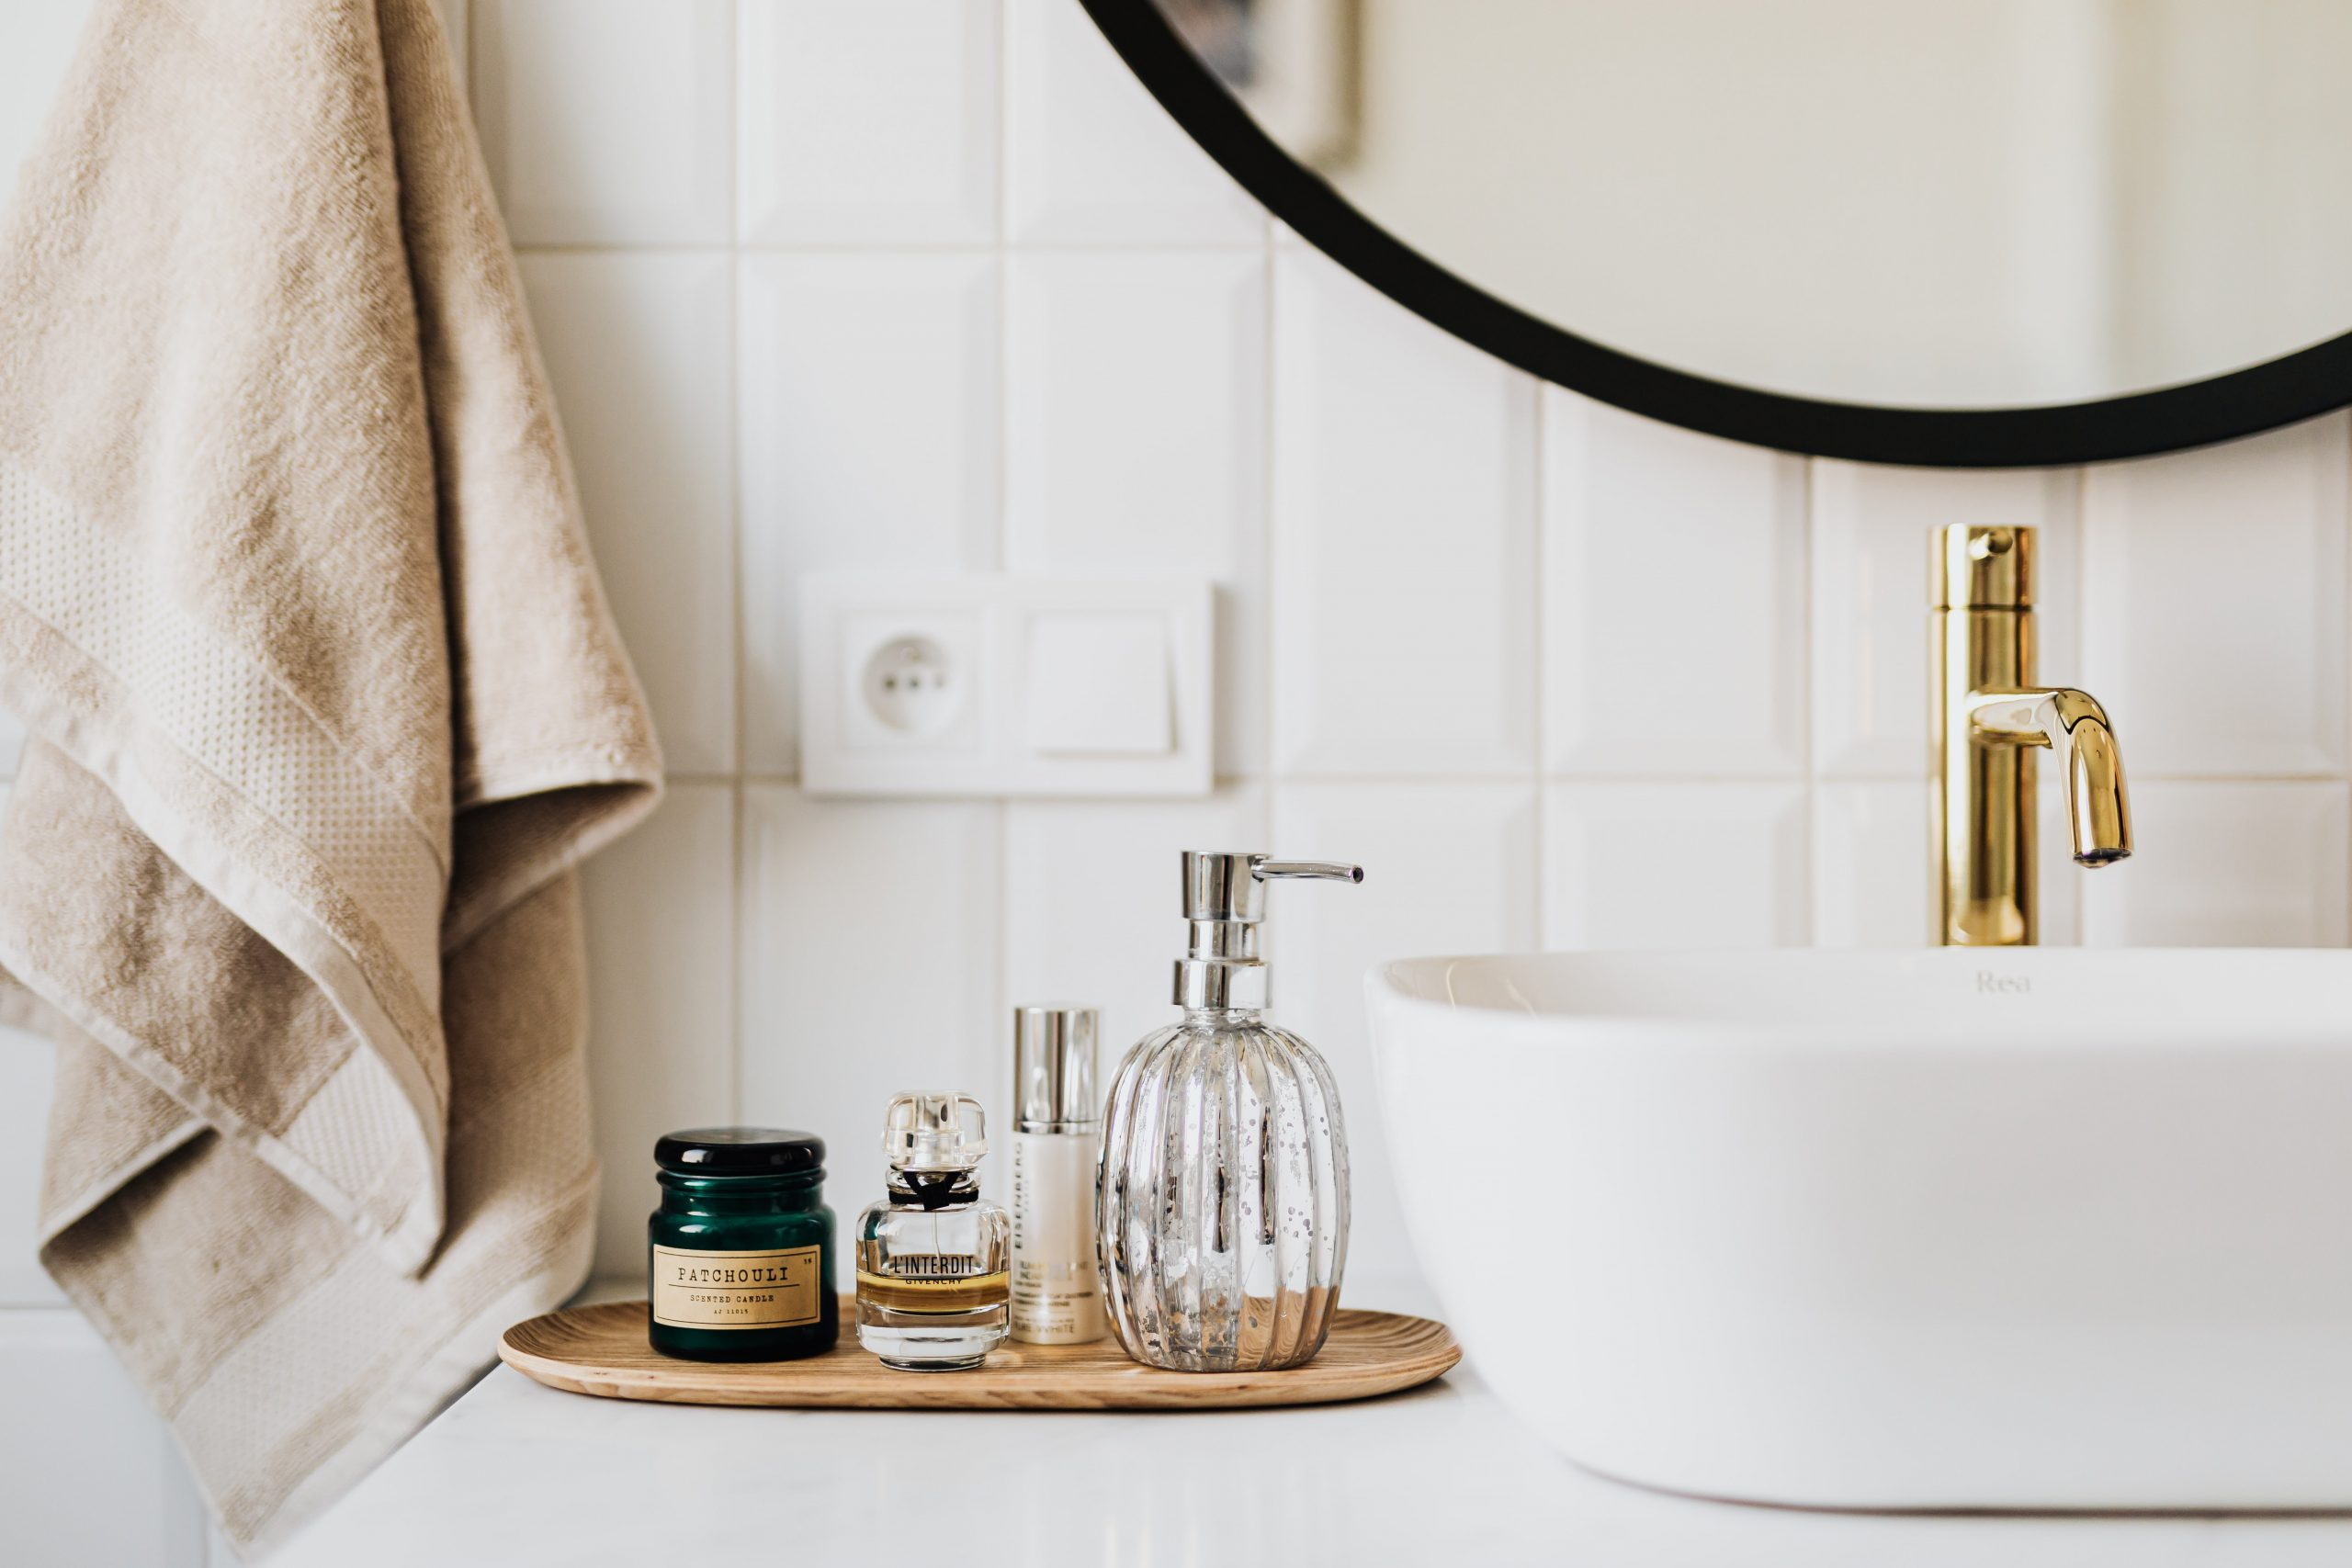 Waschbecken mit Spiegel & Seifen